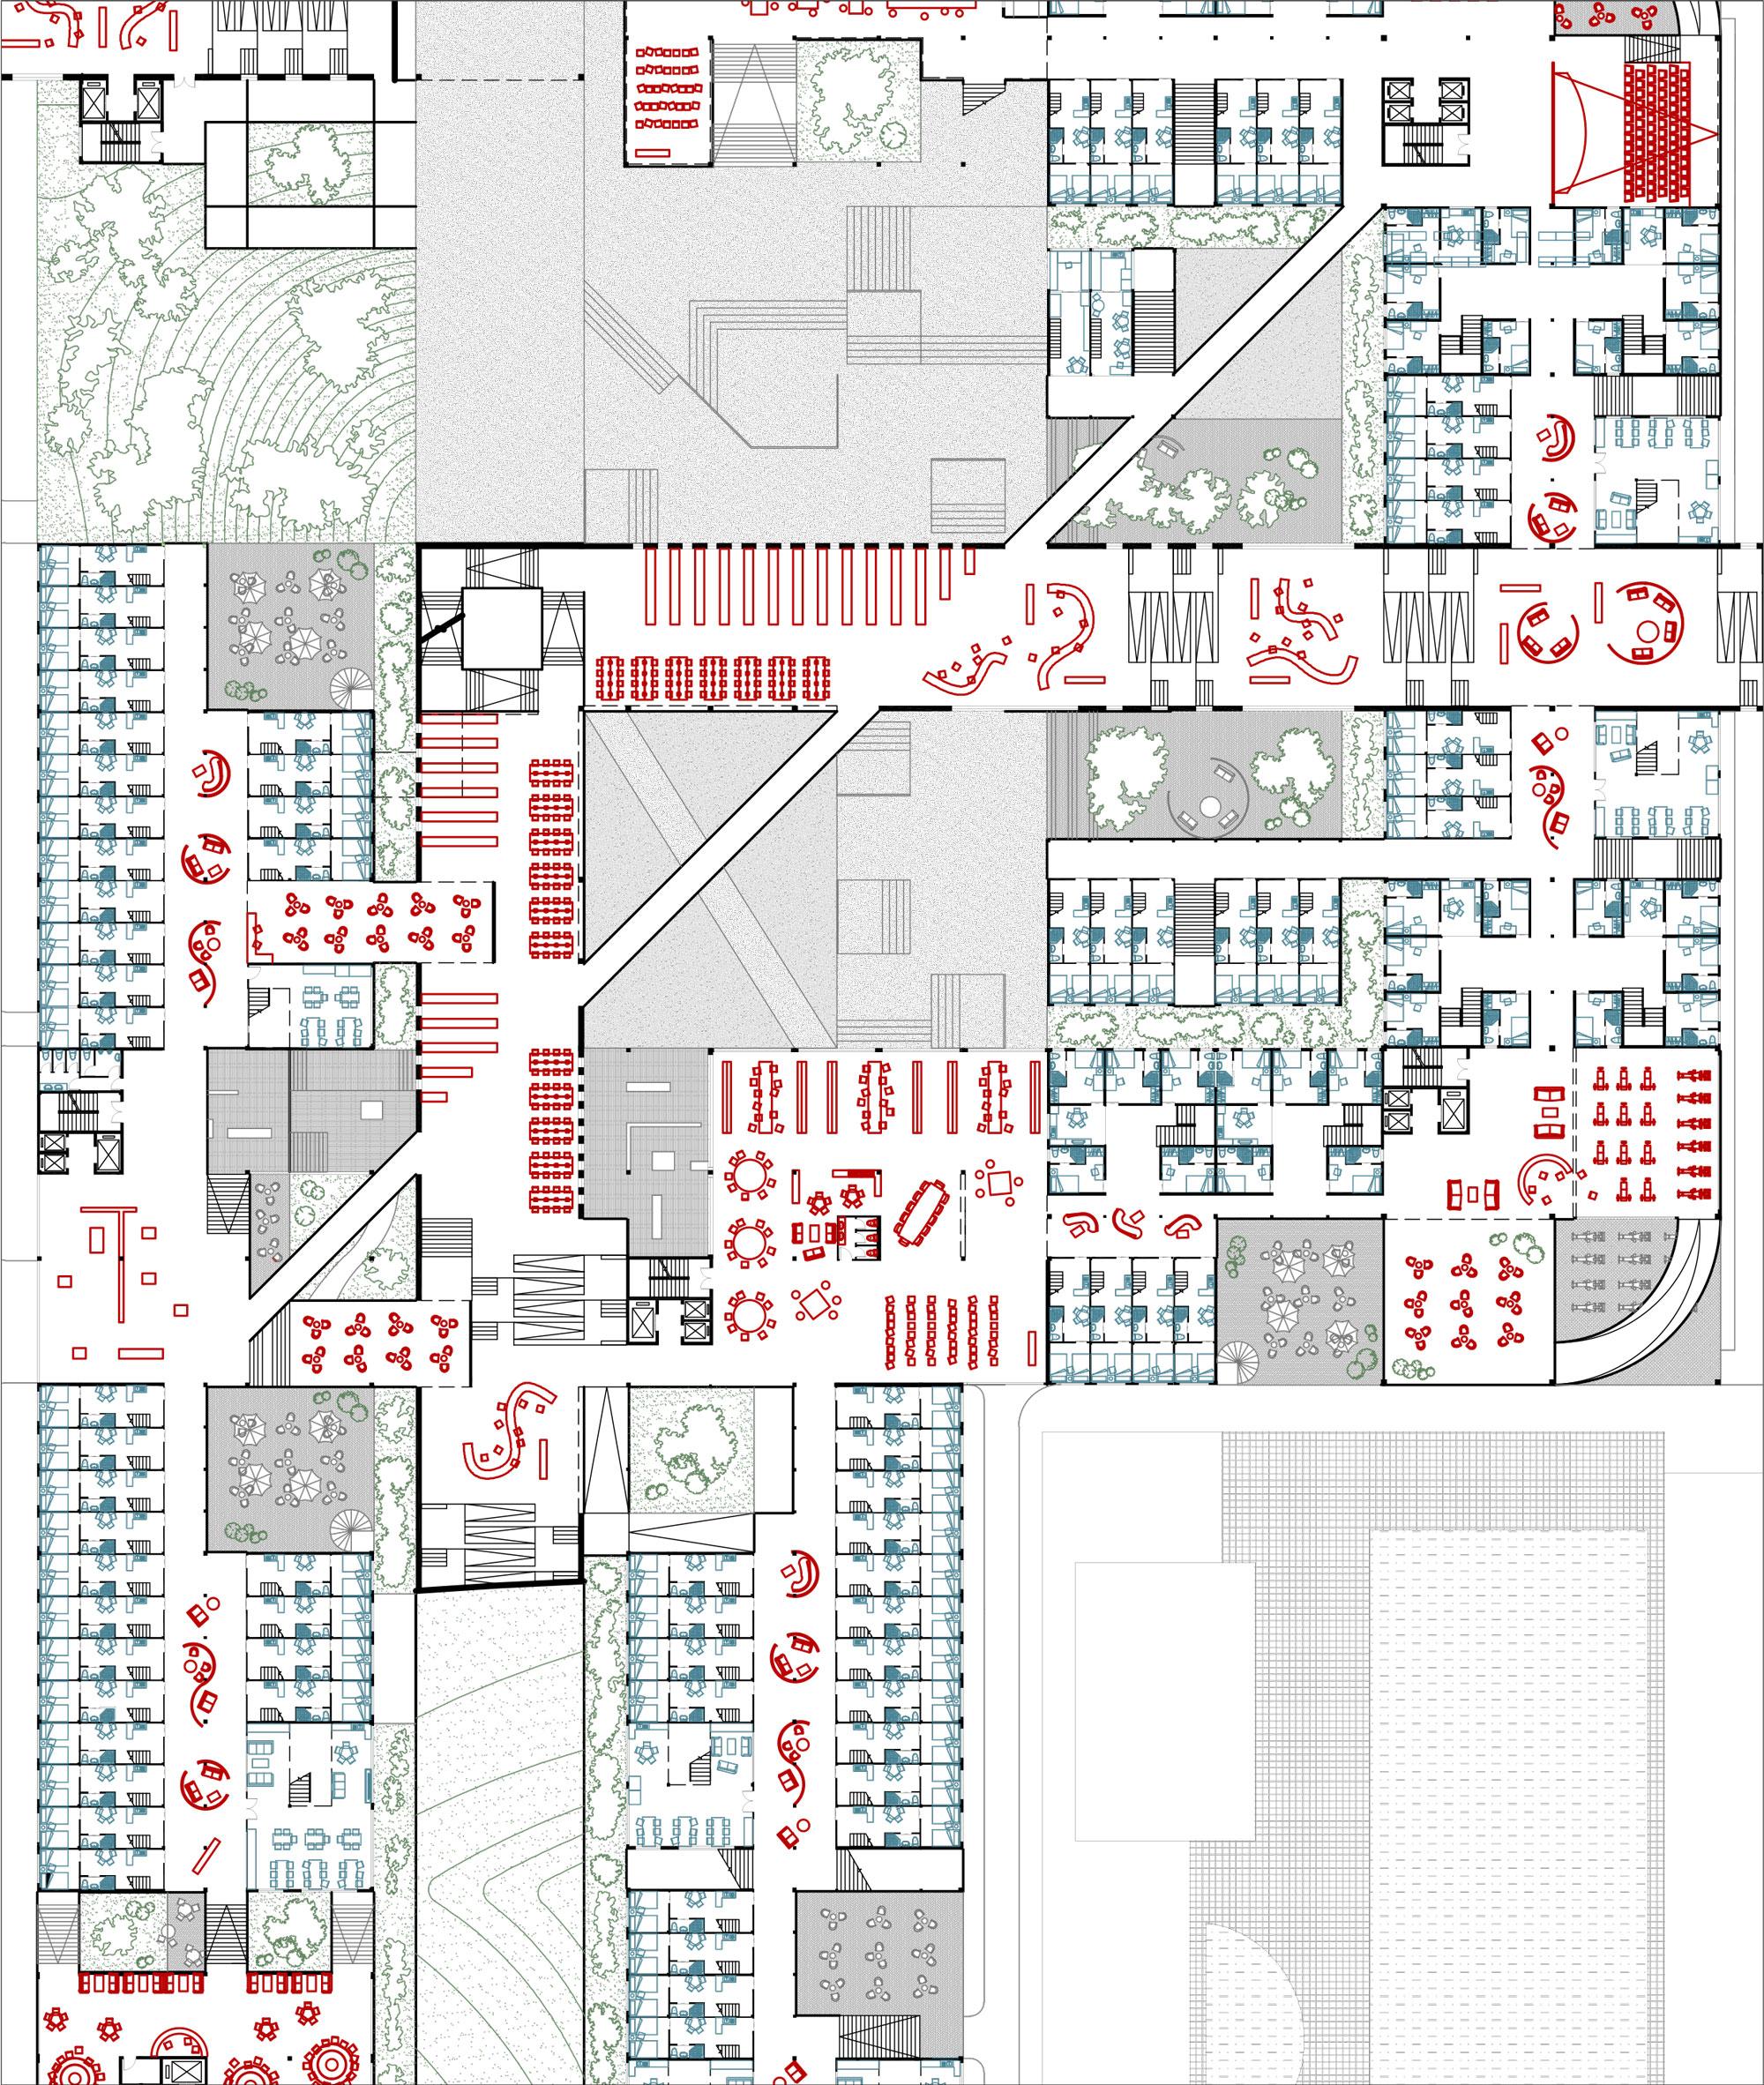 Rethinking The Urban Block Educational Infrastructure In Shenzhen Description Schematic Diagram Examplejpg Third Floor Plan